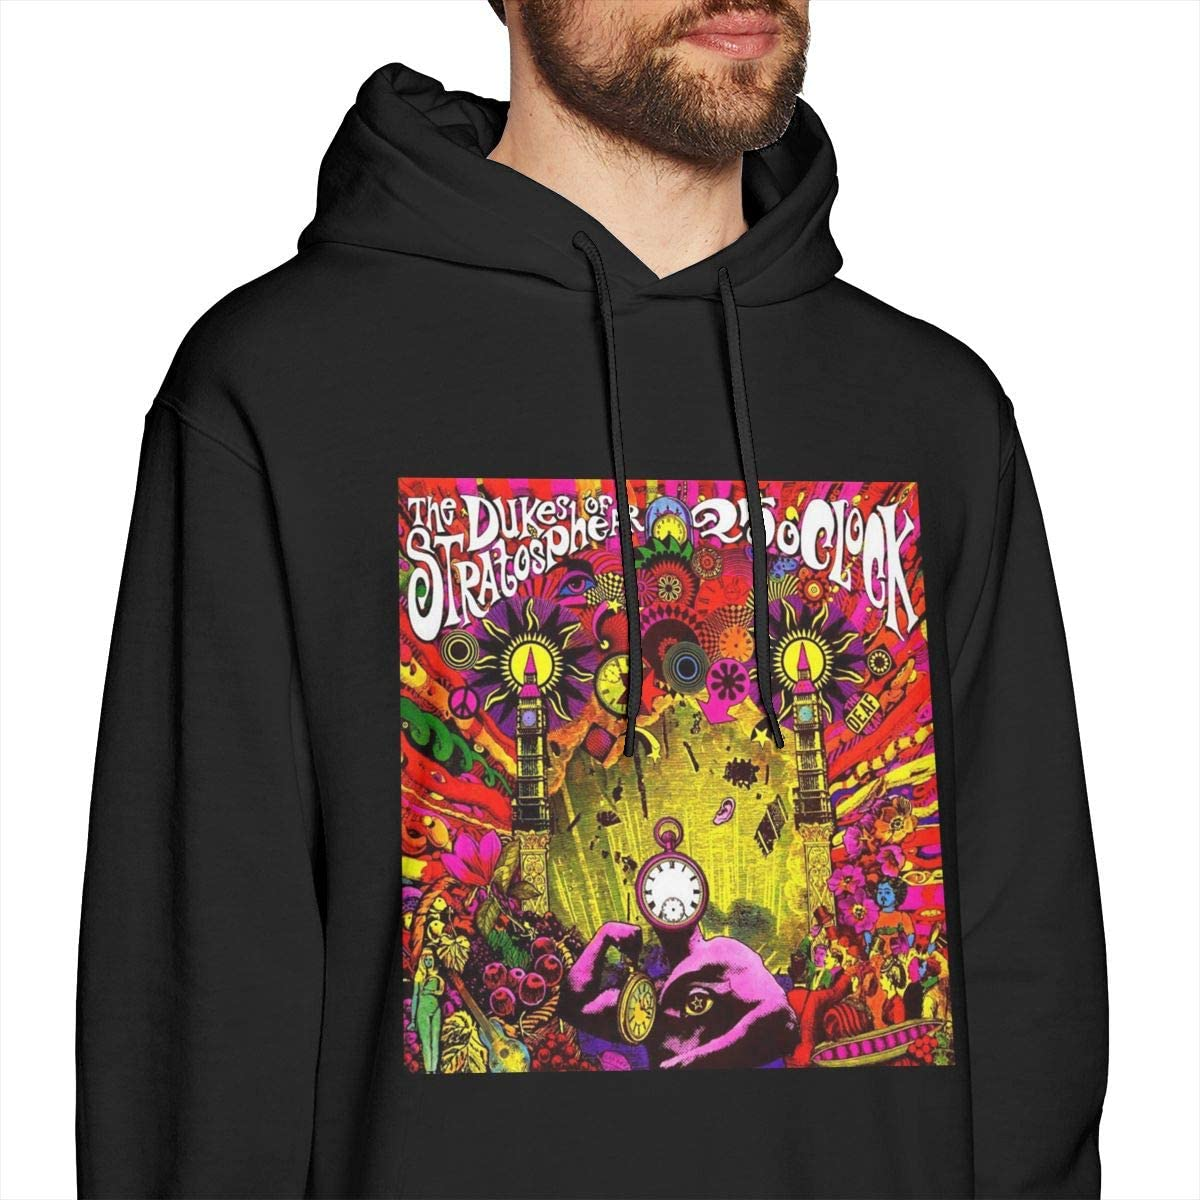 25 OClock Soft Black Hoodie Sweatshirt Jacket Pullover Tops Pekivide Mens XTC